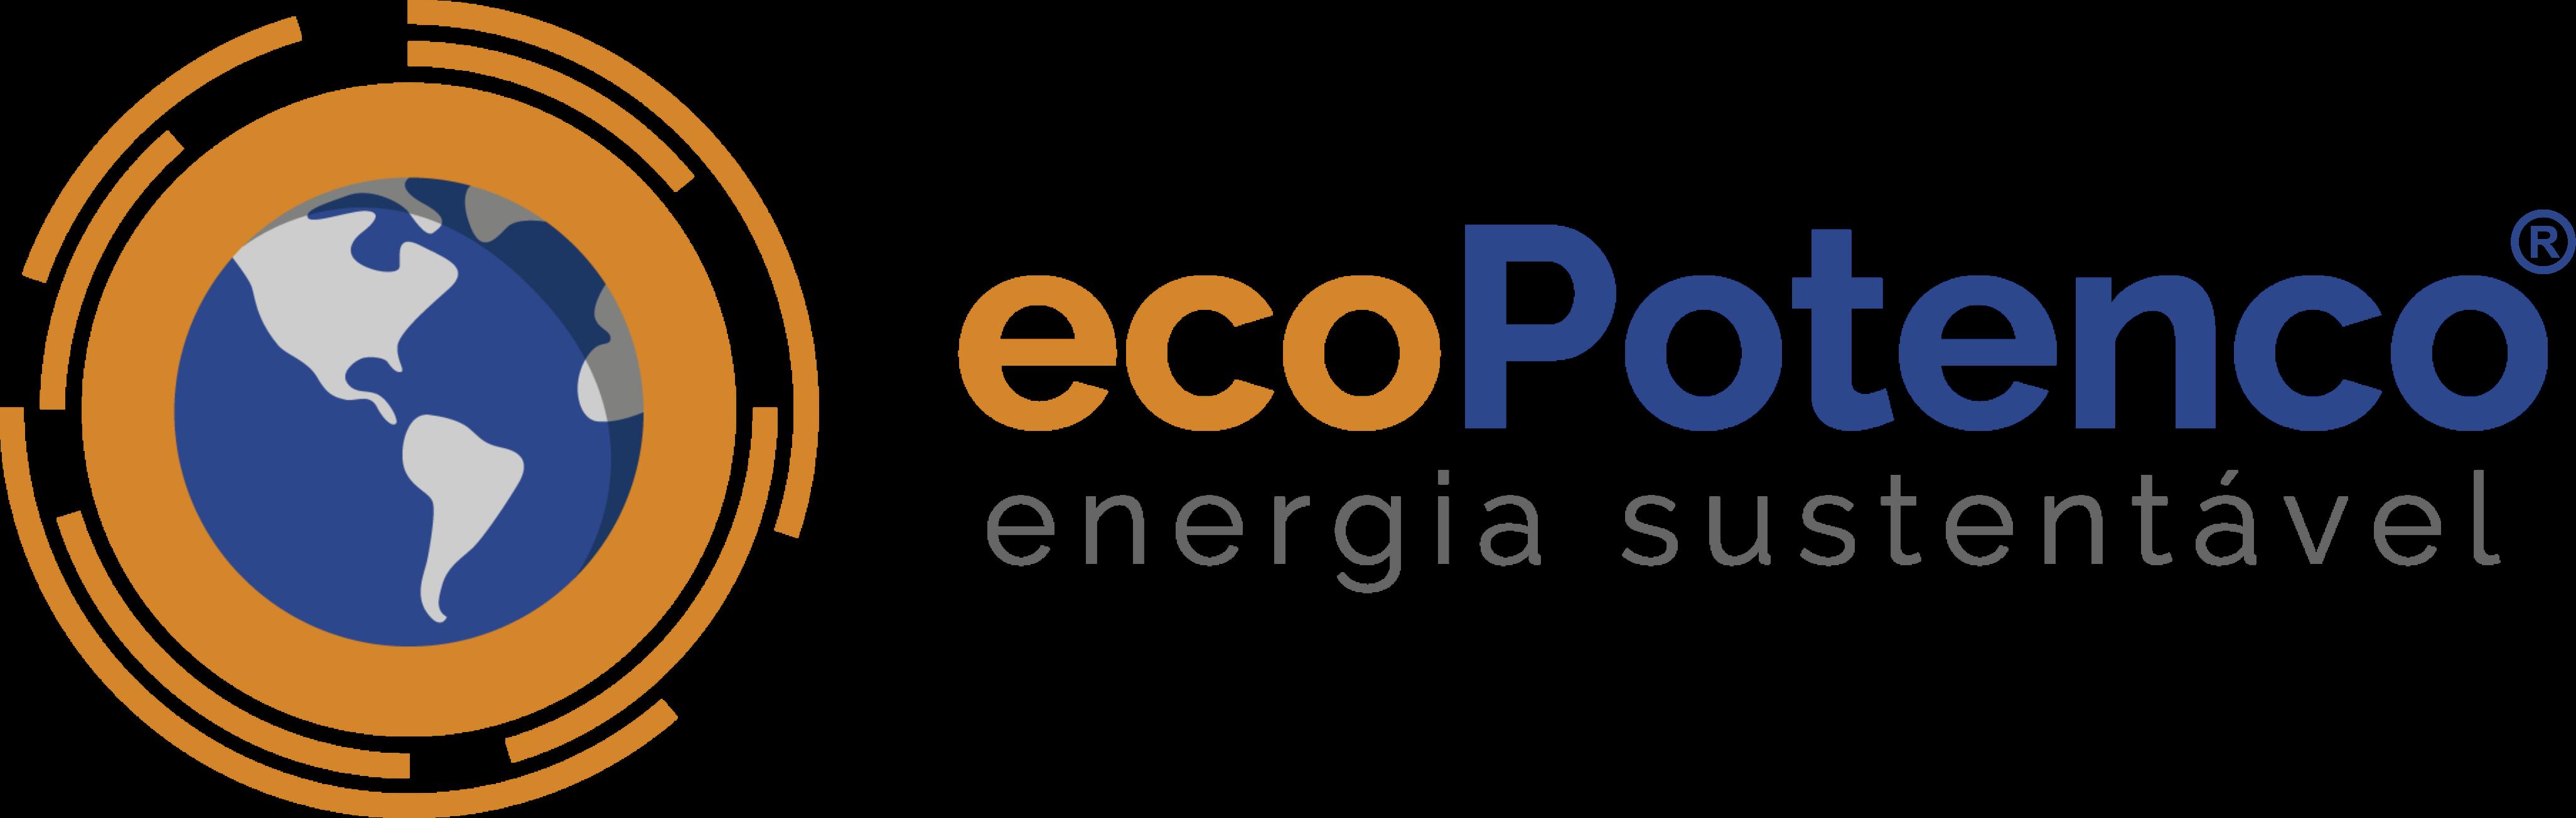 ecoPotenco